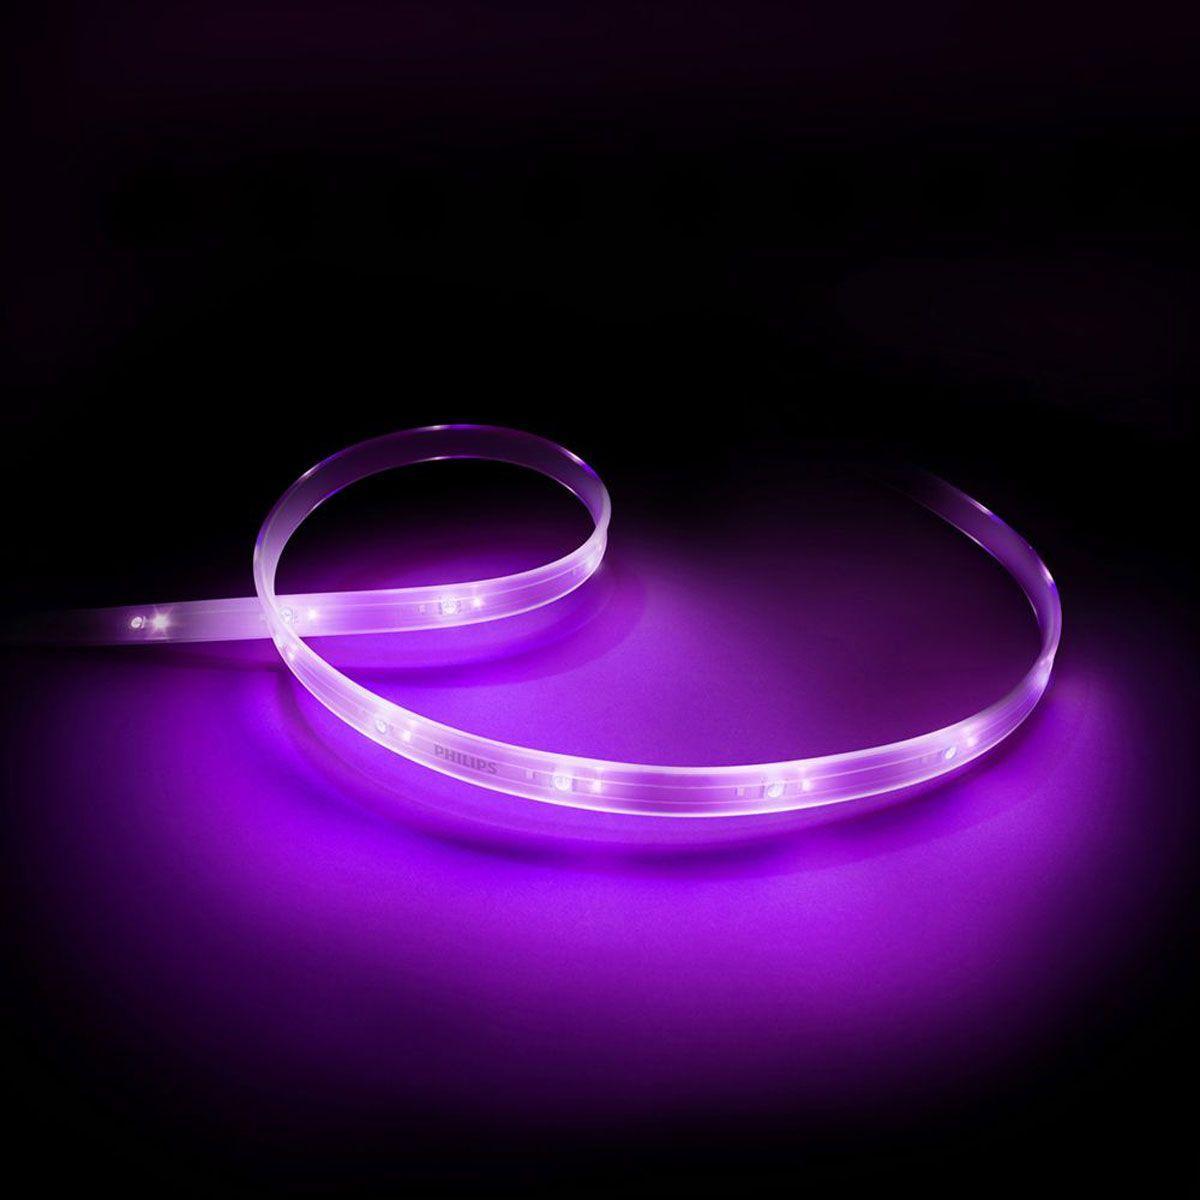 Bandeau led philips hue lightstrip plus 1m extension (photo)